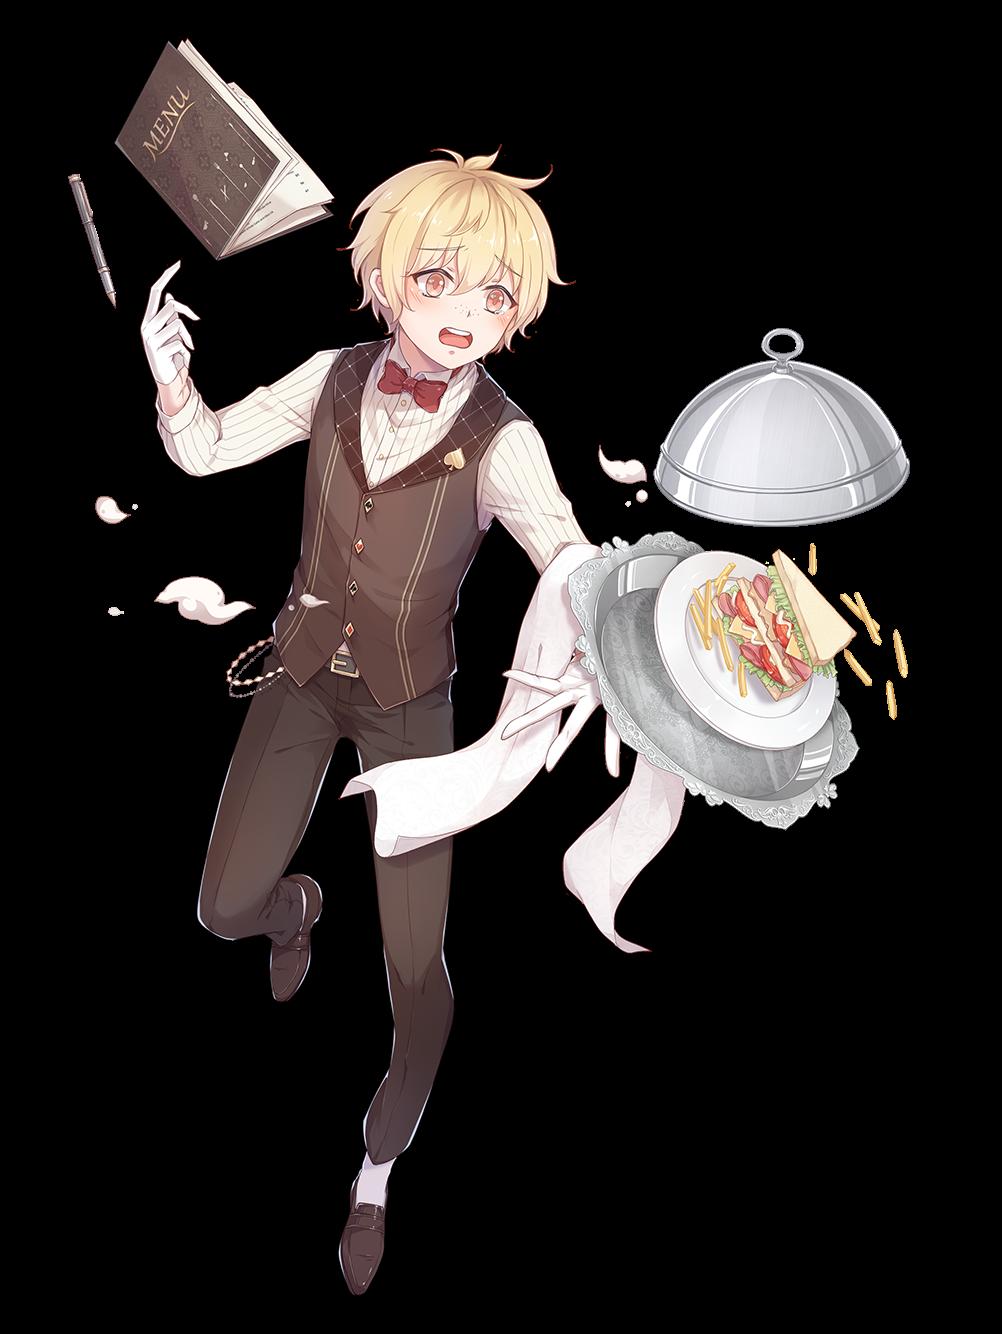 art-sandwich-butlerboy.png